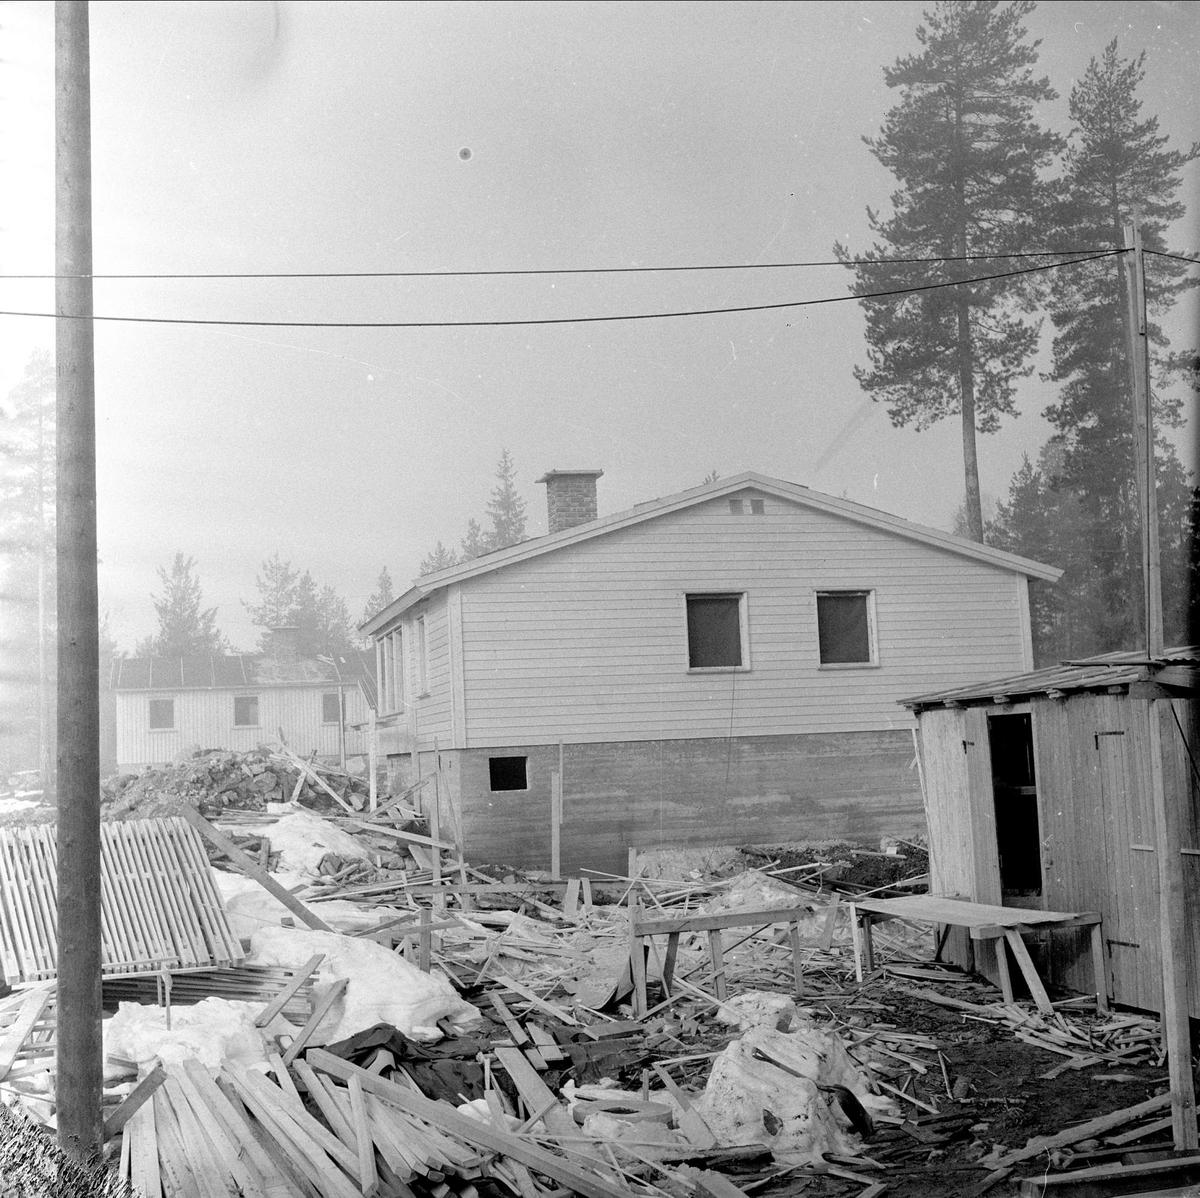 Hus i skogholt, ukjent sted, mars, 1959.